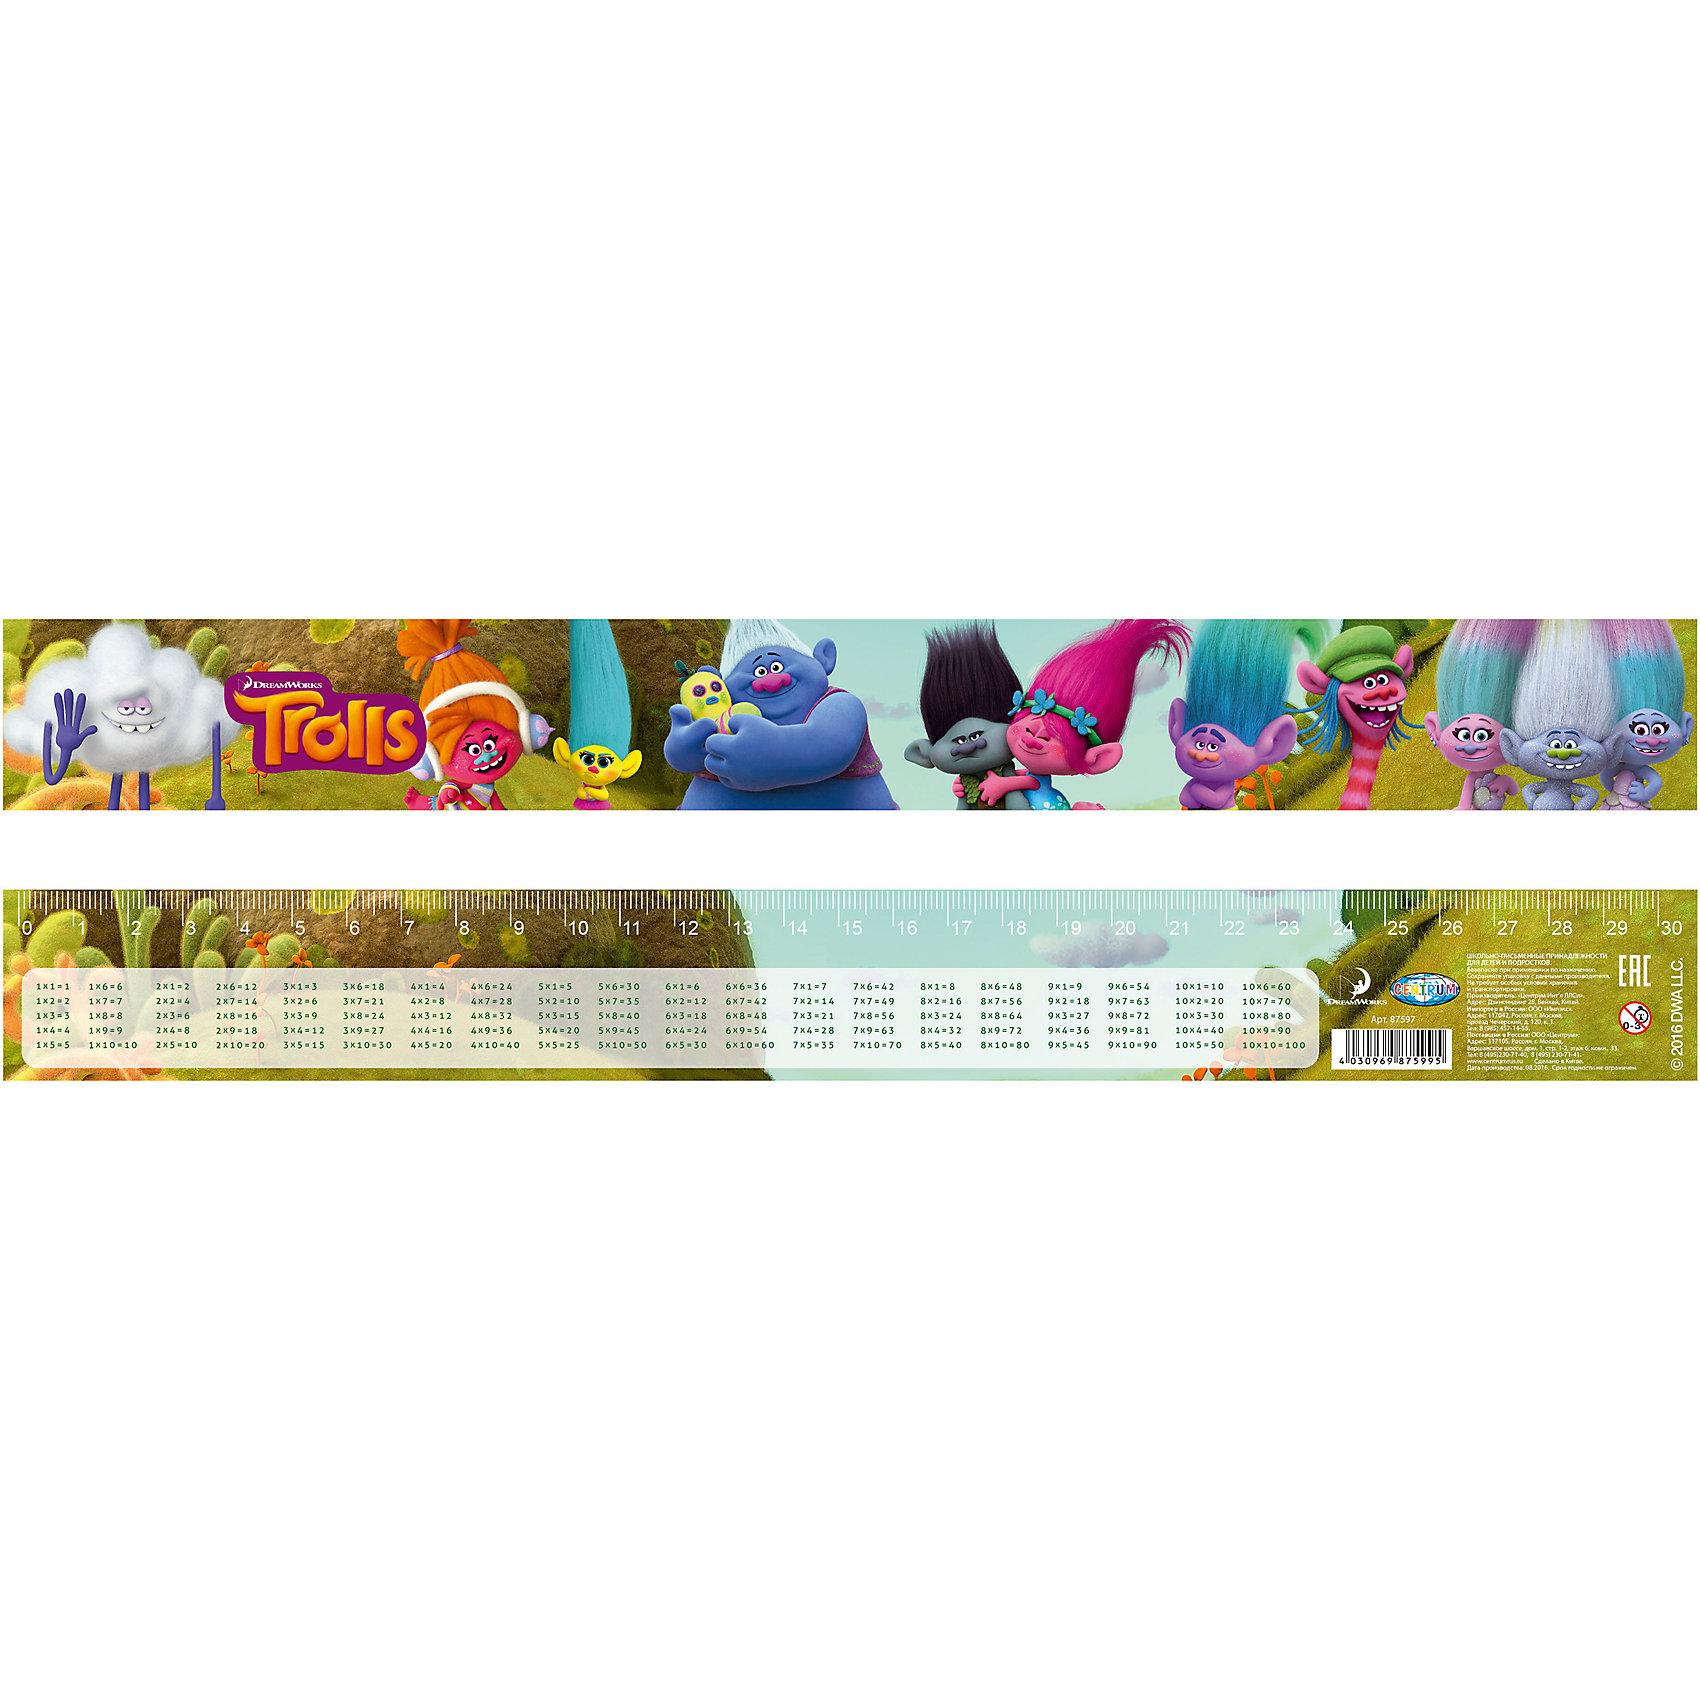 Линейка 3D Тролли с таблицей умножения, 30 смЛинейка 3D Тролли с таблицей умножения, 30 см, Centrum (Центрум)<br><br>Характеристики:<br><br>• есть таблица умножения<br>• 3D эффект<br>• яркий дизайн с любимыми героями мультфильма <br>• материал: пластик<br>• размер: 30 см<br><br>Линейка - необходимый инструмент для каждого школьника. Красивая линейка от Centrum содержит полную таблицу умножения, которая непременно пригодится в учебе. Кроме того, она имеет привлекательный дизайн с изображением любимых персонажей мультфильма Тролли. С этой линейкой учеба всегда будет в радость!<br><br>Линейку 3D Тролли с таблицей умножения, 30 см, Centrum (Центрум) вы можете купить в нашем интернет-магазине.<br><br>Ширина мм: 1<br>Глубина мм: 42<br>Высота мм: 345<br>Вес г: 9<br>Возраст от месяцев: 36<br>Возраст до месяцев: 144<br>Пол: Унисекс<br>Возраст: Детский<br>SKU: 5044936